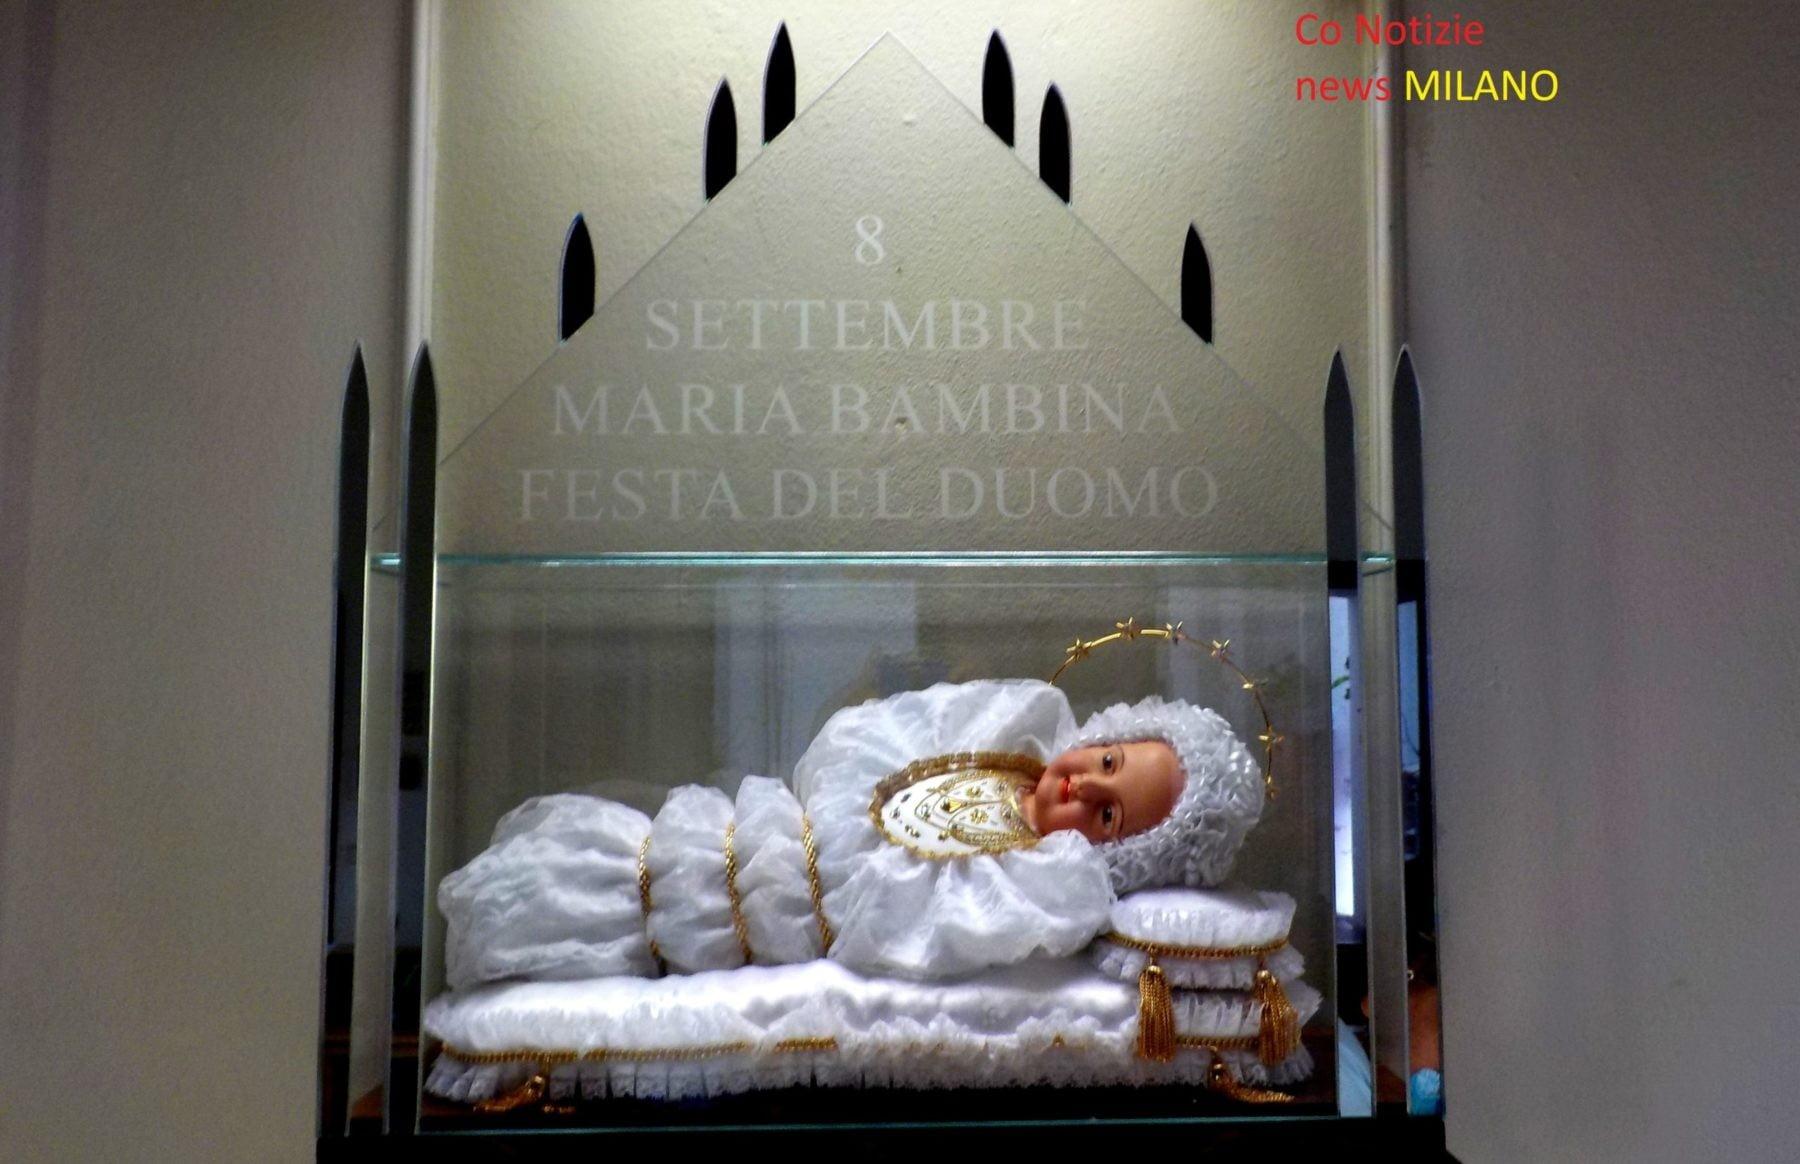 Corbetta - Nella parrocchia di Cerello, Corbetta, arriva Santa Maria Bambina 13/09/2020